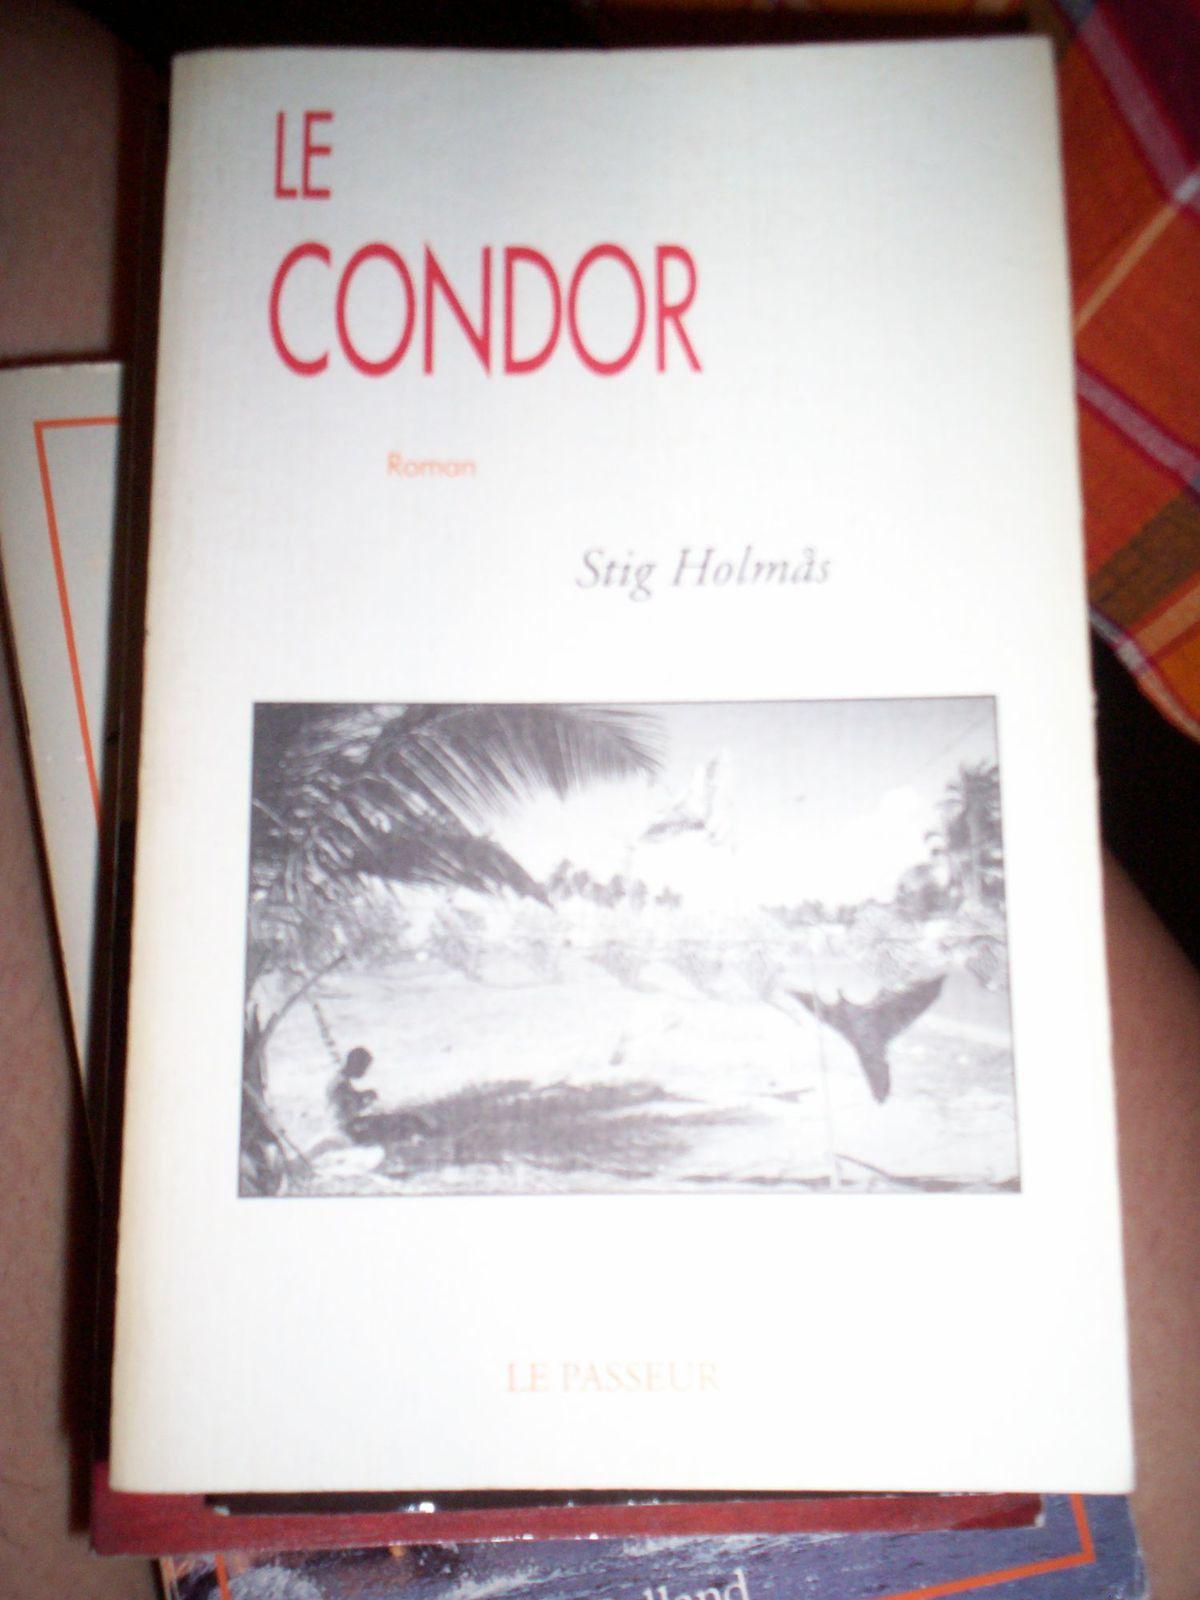 Première édition en 1997